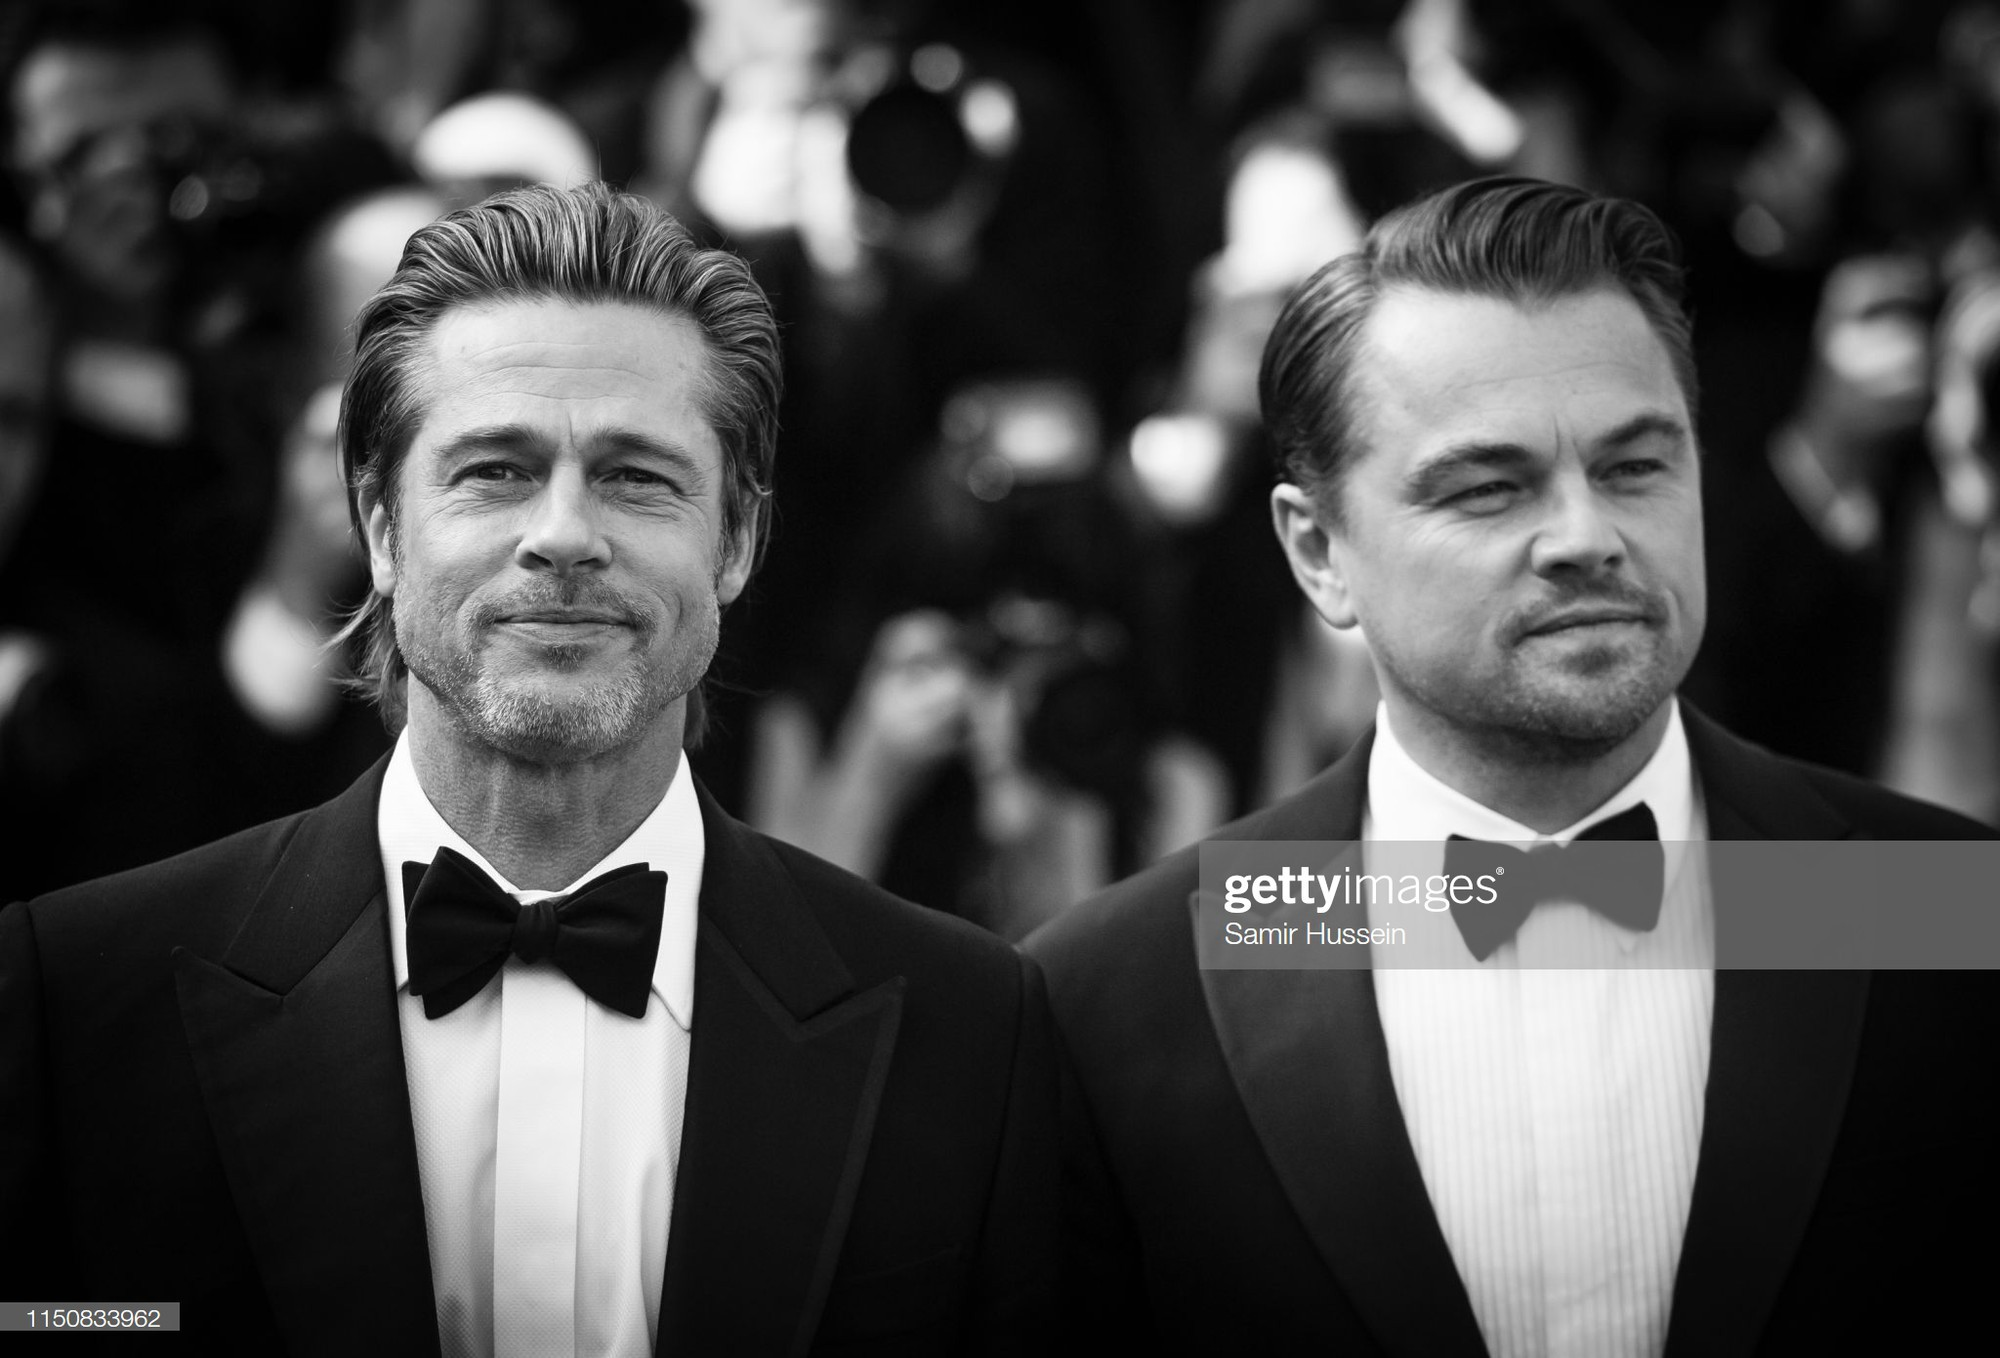 Top khoảnh khắc đắt giá nhất Cannes 2019: Dàn mỹ nhân 9X bất ngờ chiếm đa số, Selena và cặp đôi Brooklyn ấn tượng mạnh - Ảnh 16.